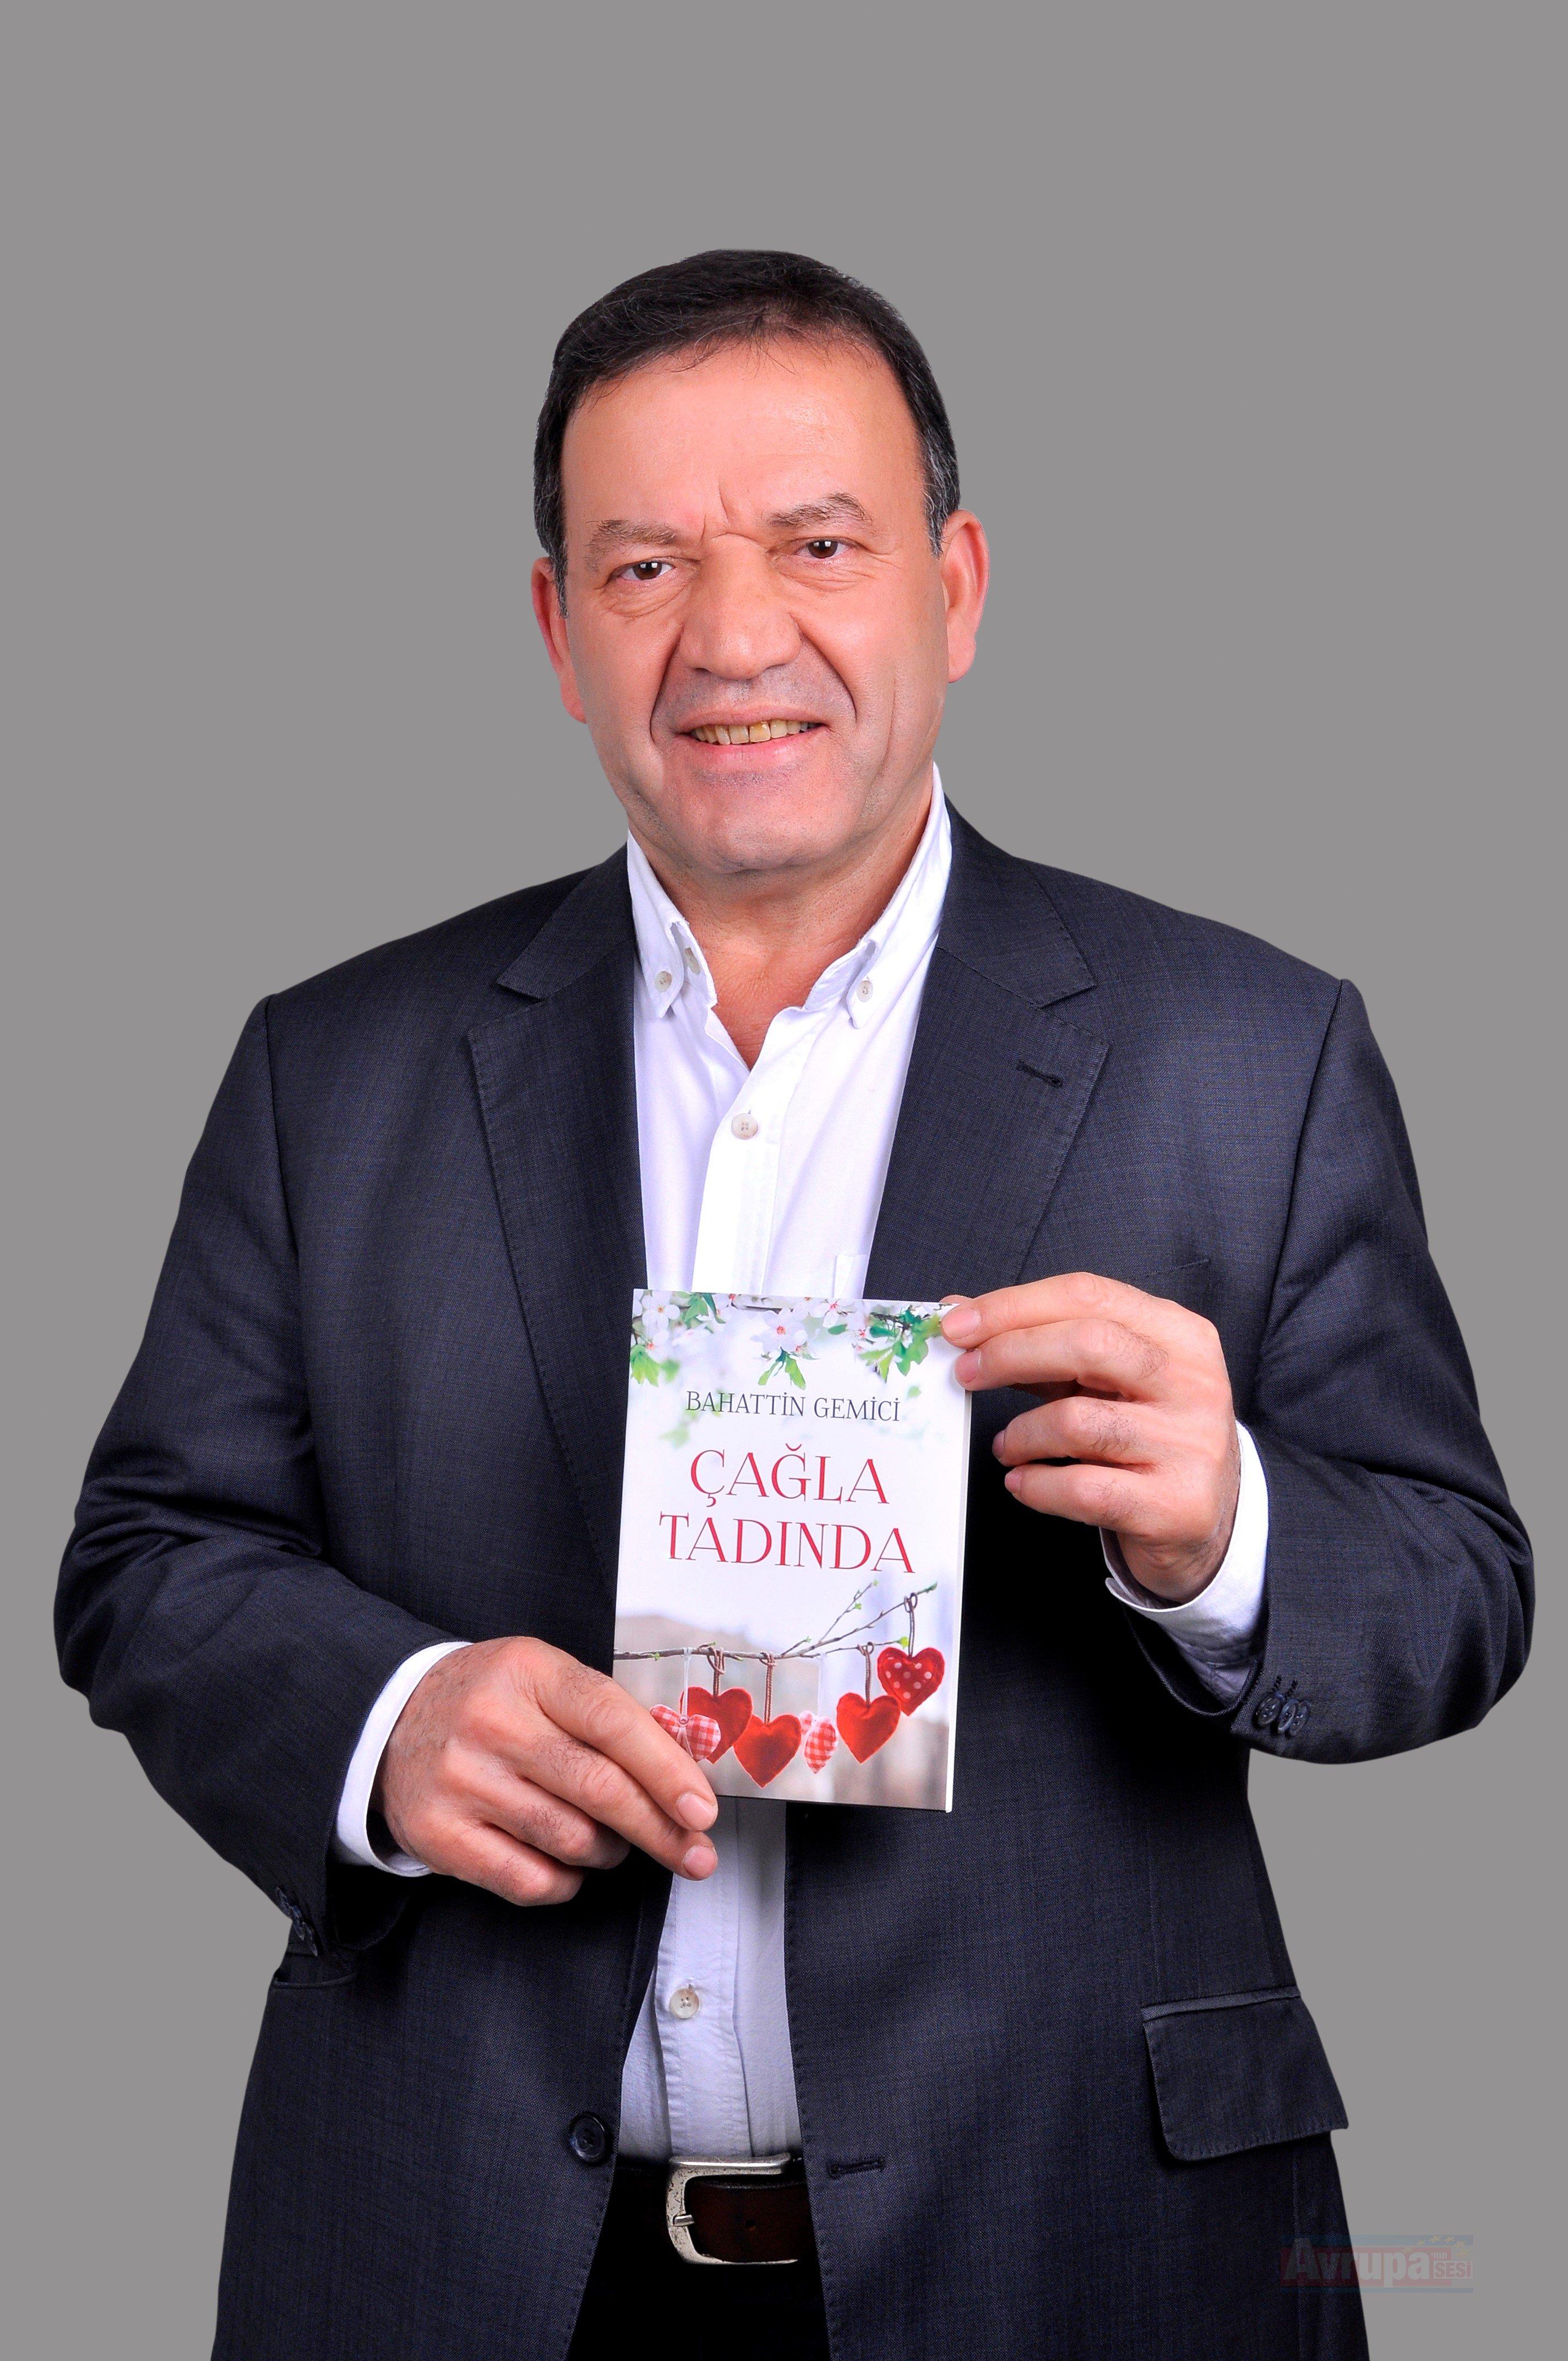 Öğretmen şair Bahattin Gemici'nin şiir kitabı yayınlandı